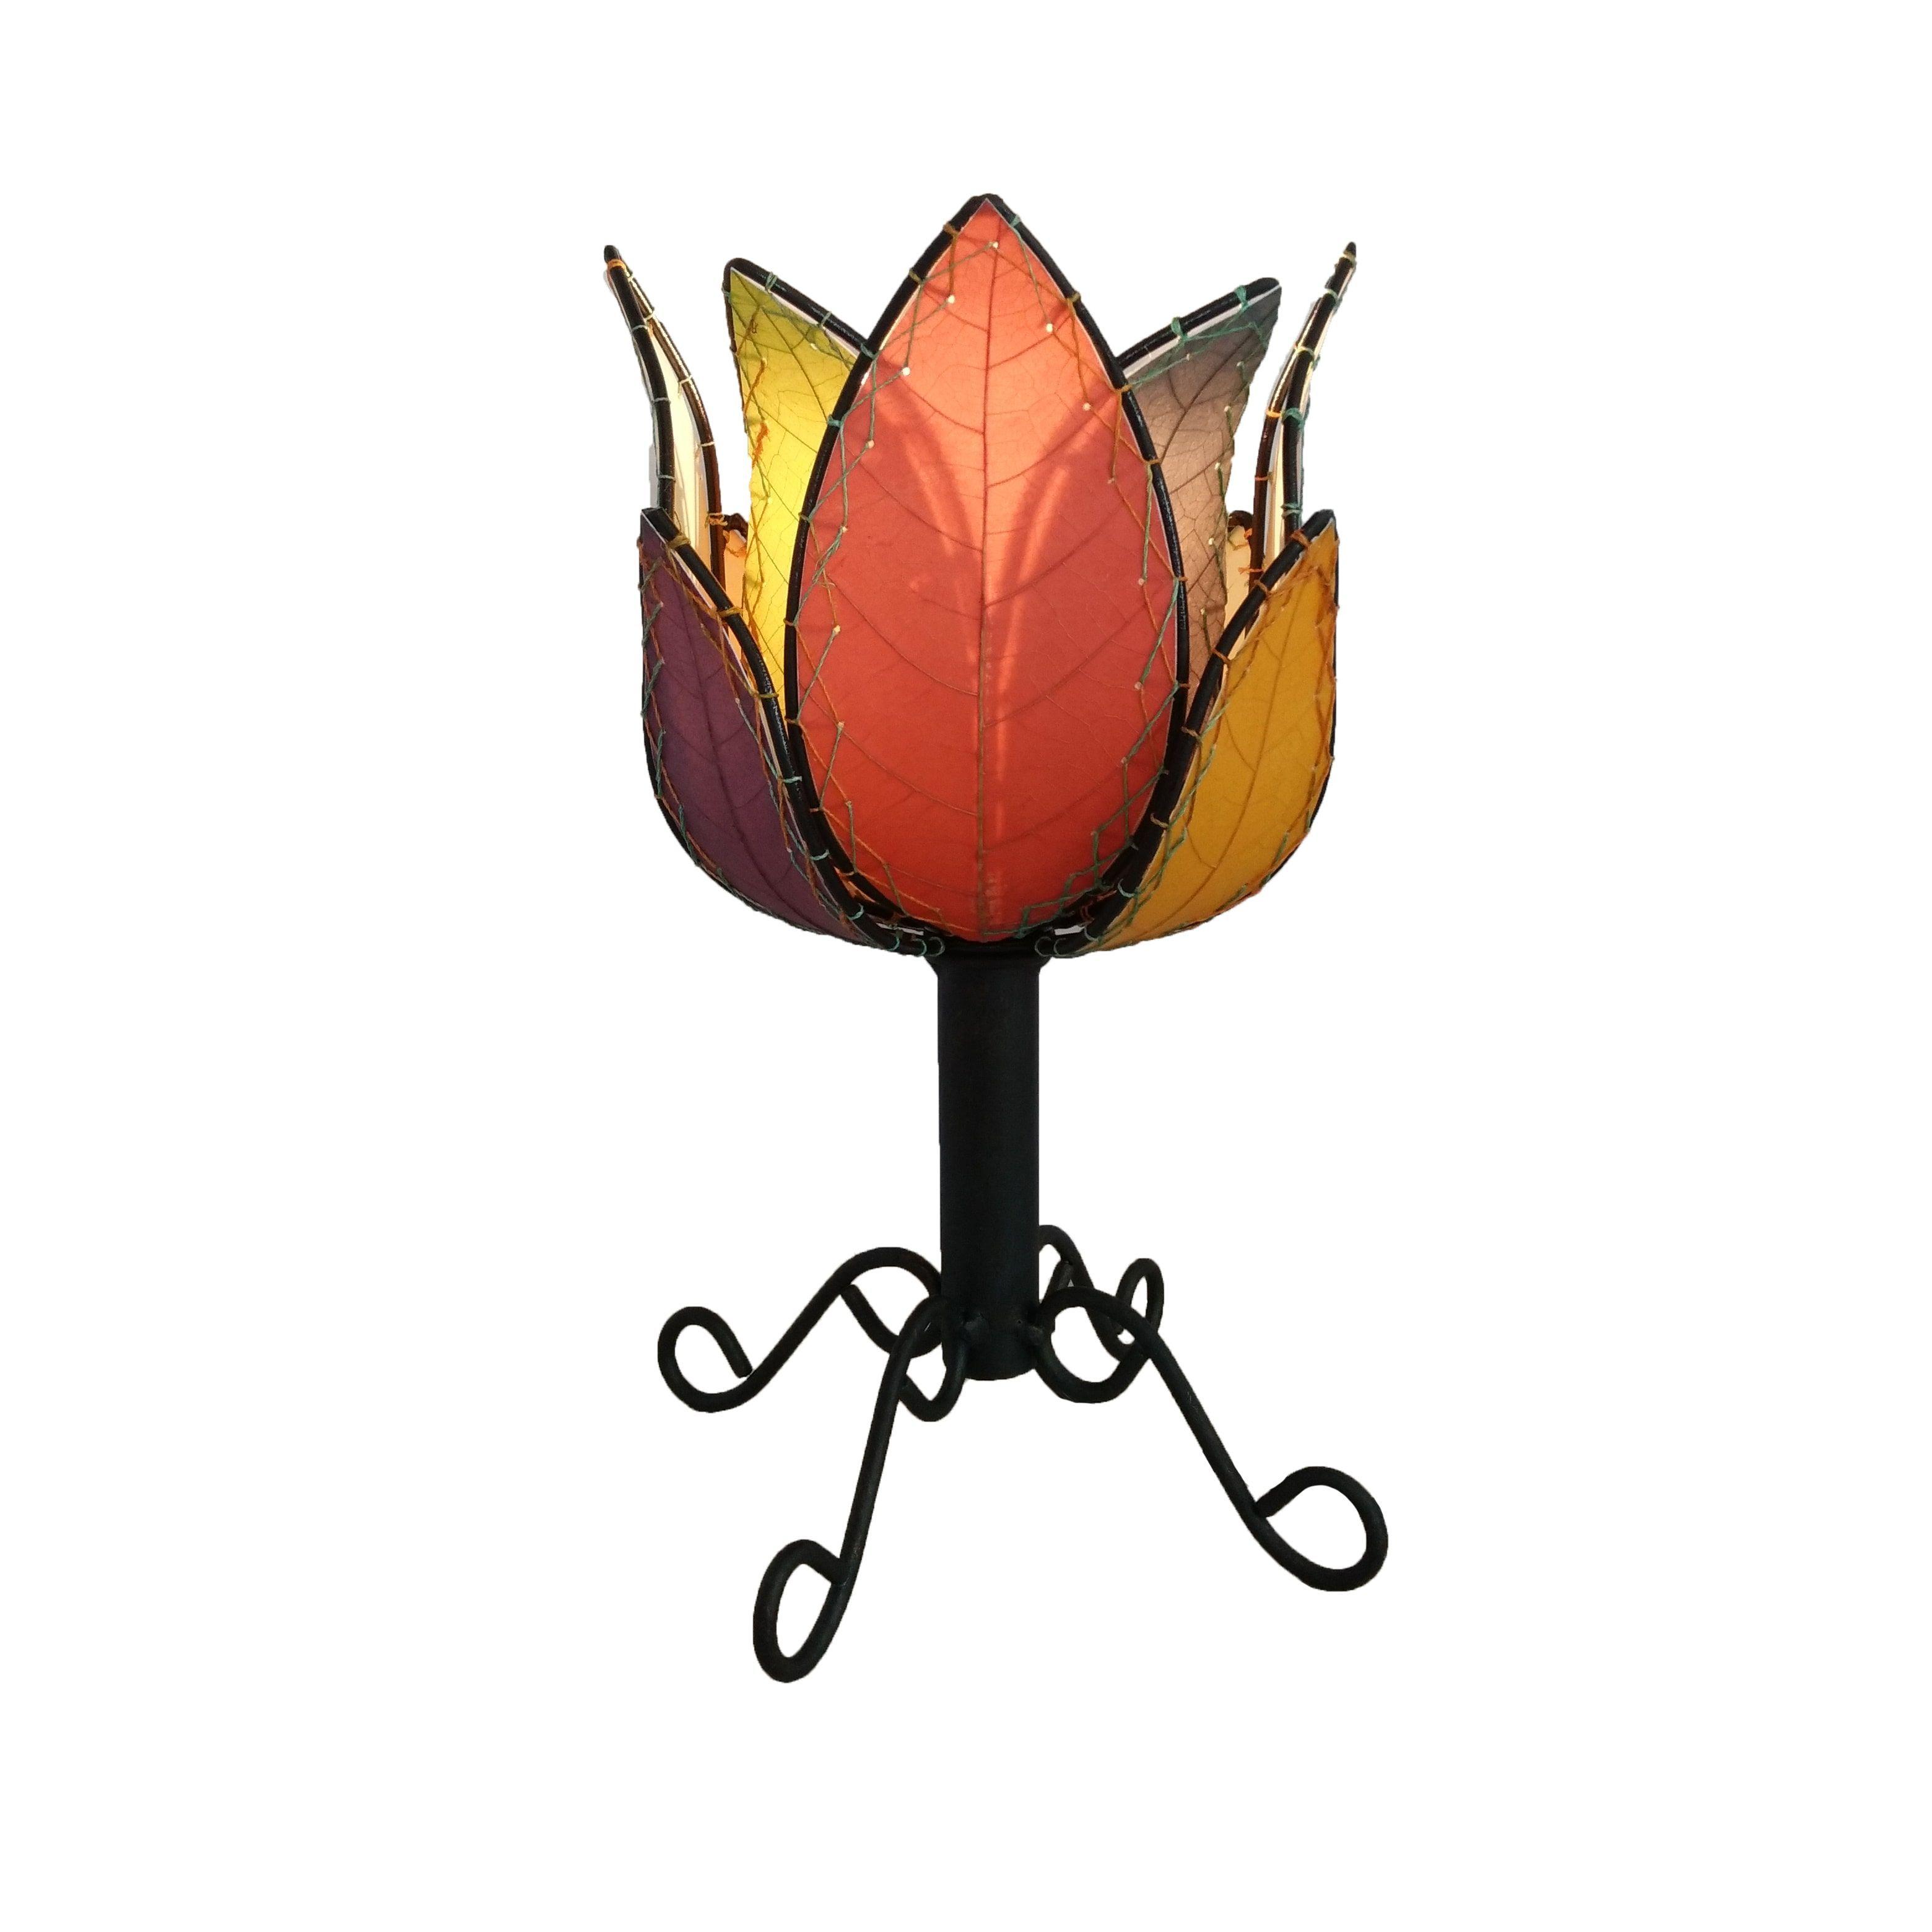 Eangee Handmade Outdoor Lotus Table Lamp